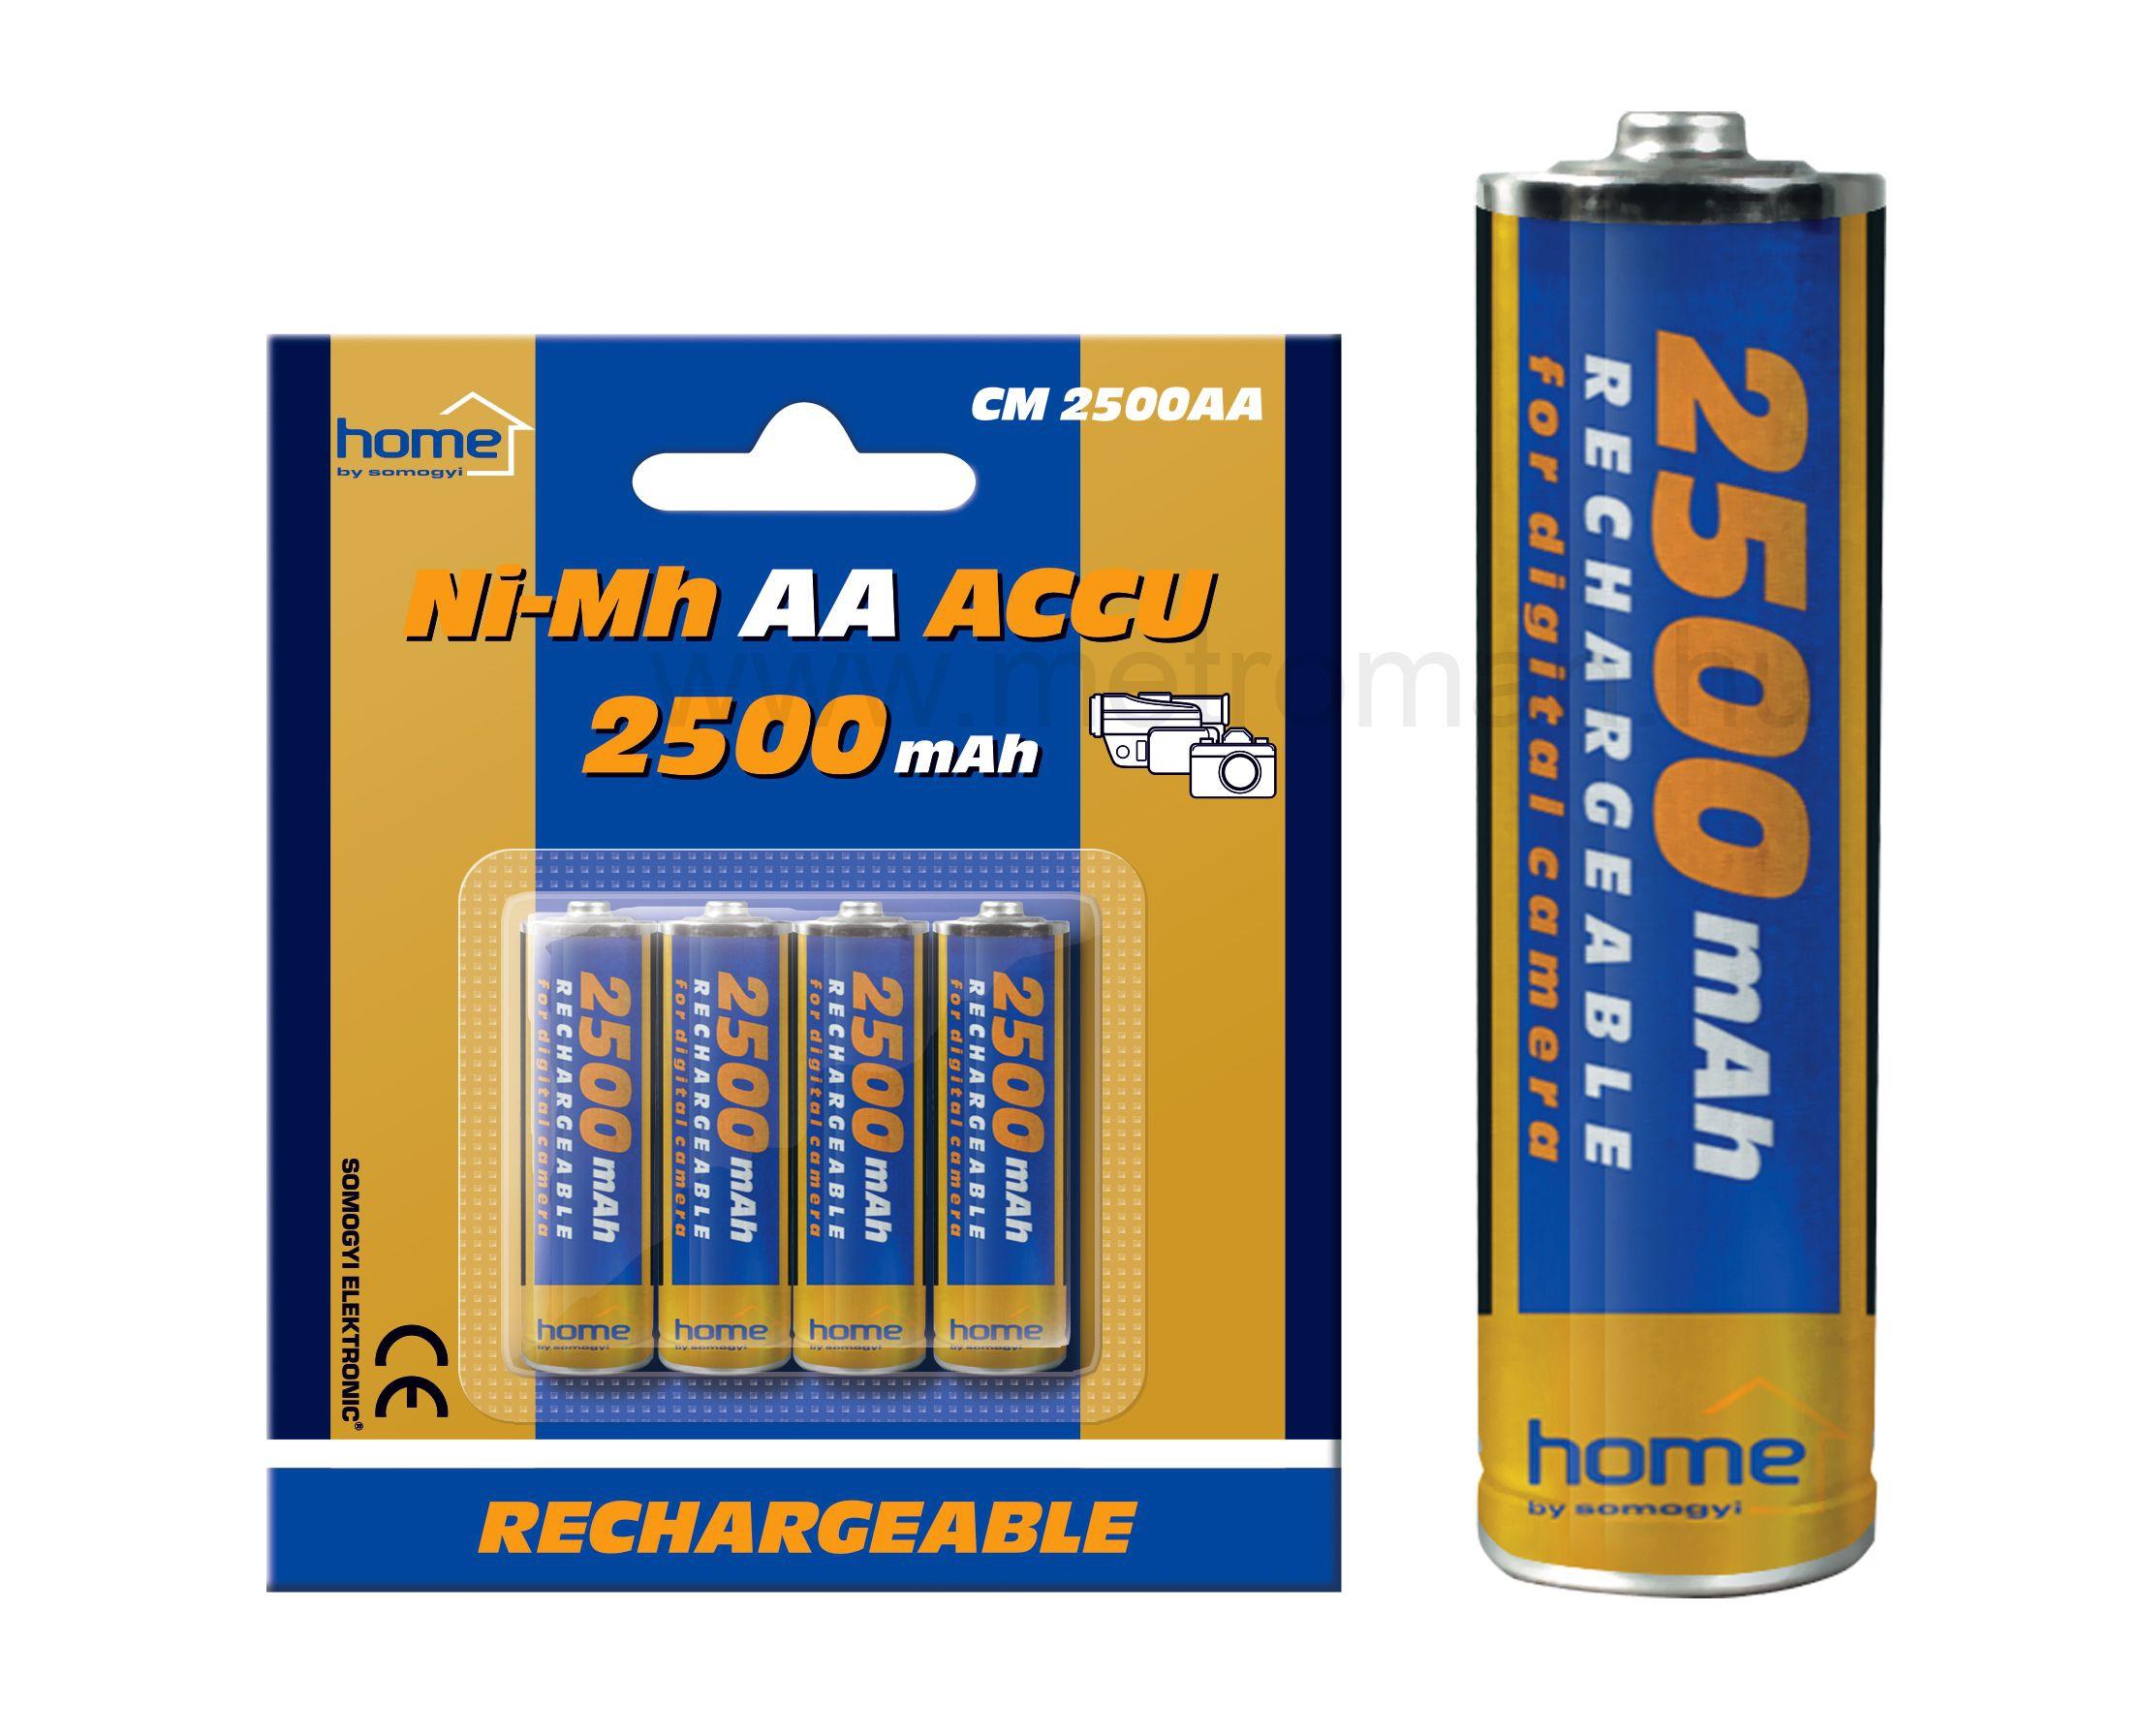 Ni-Mh AA akkumulátor CM2500AA